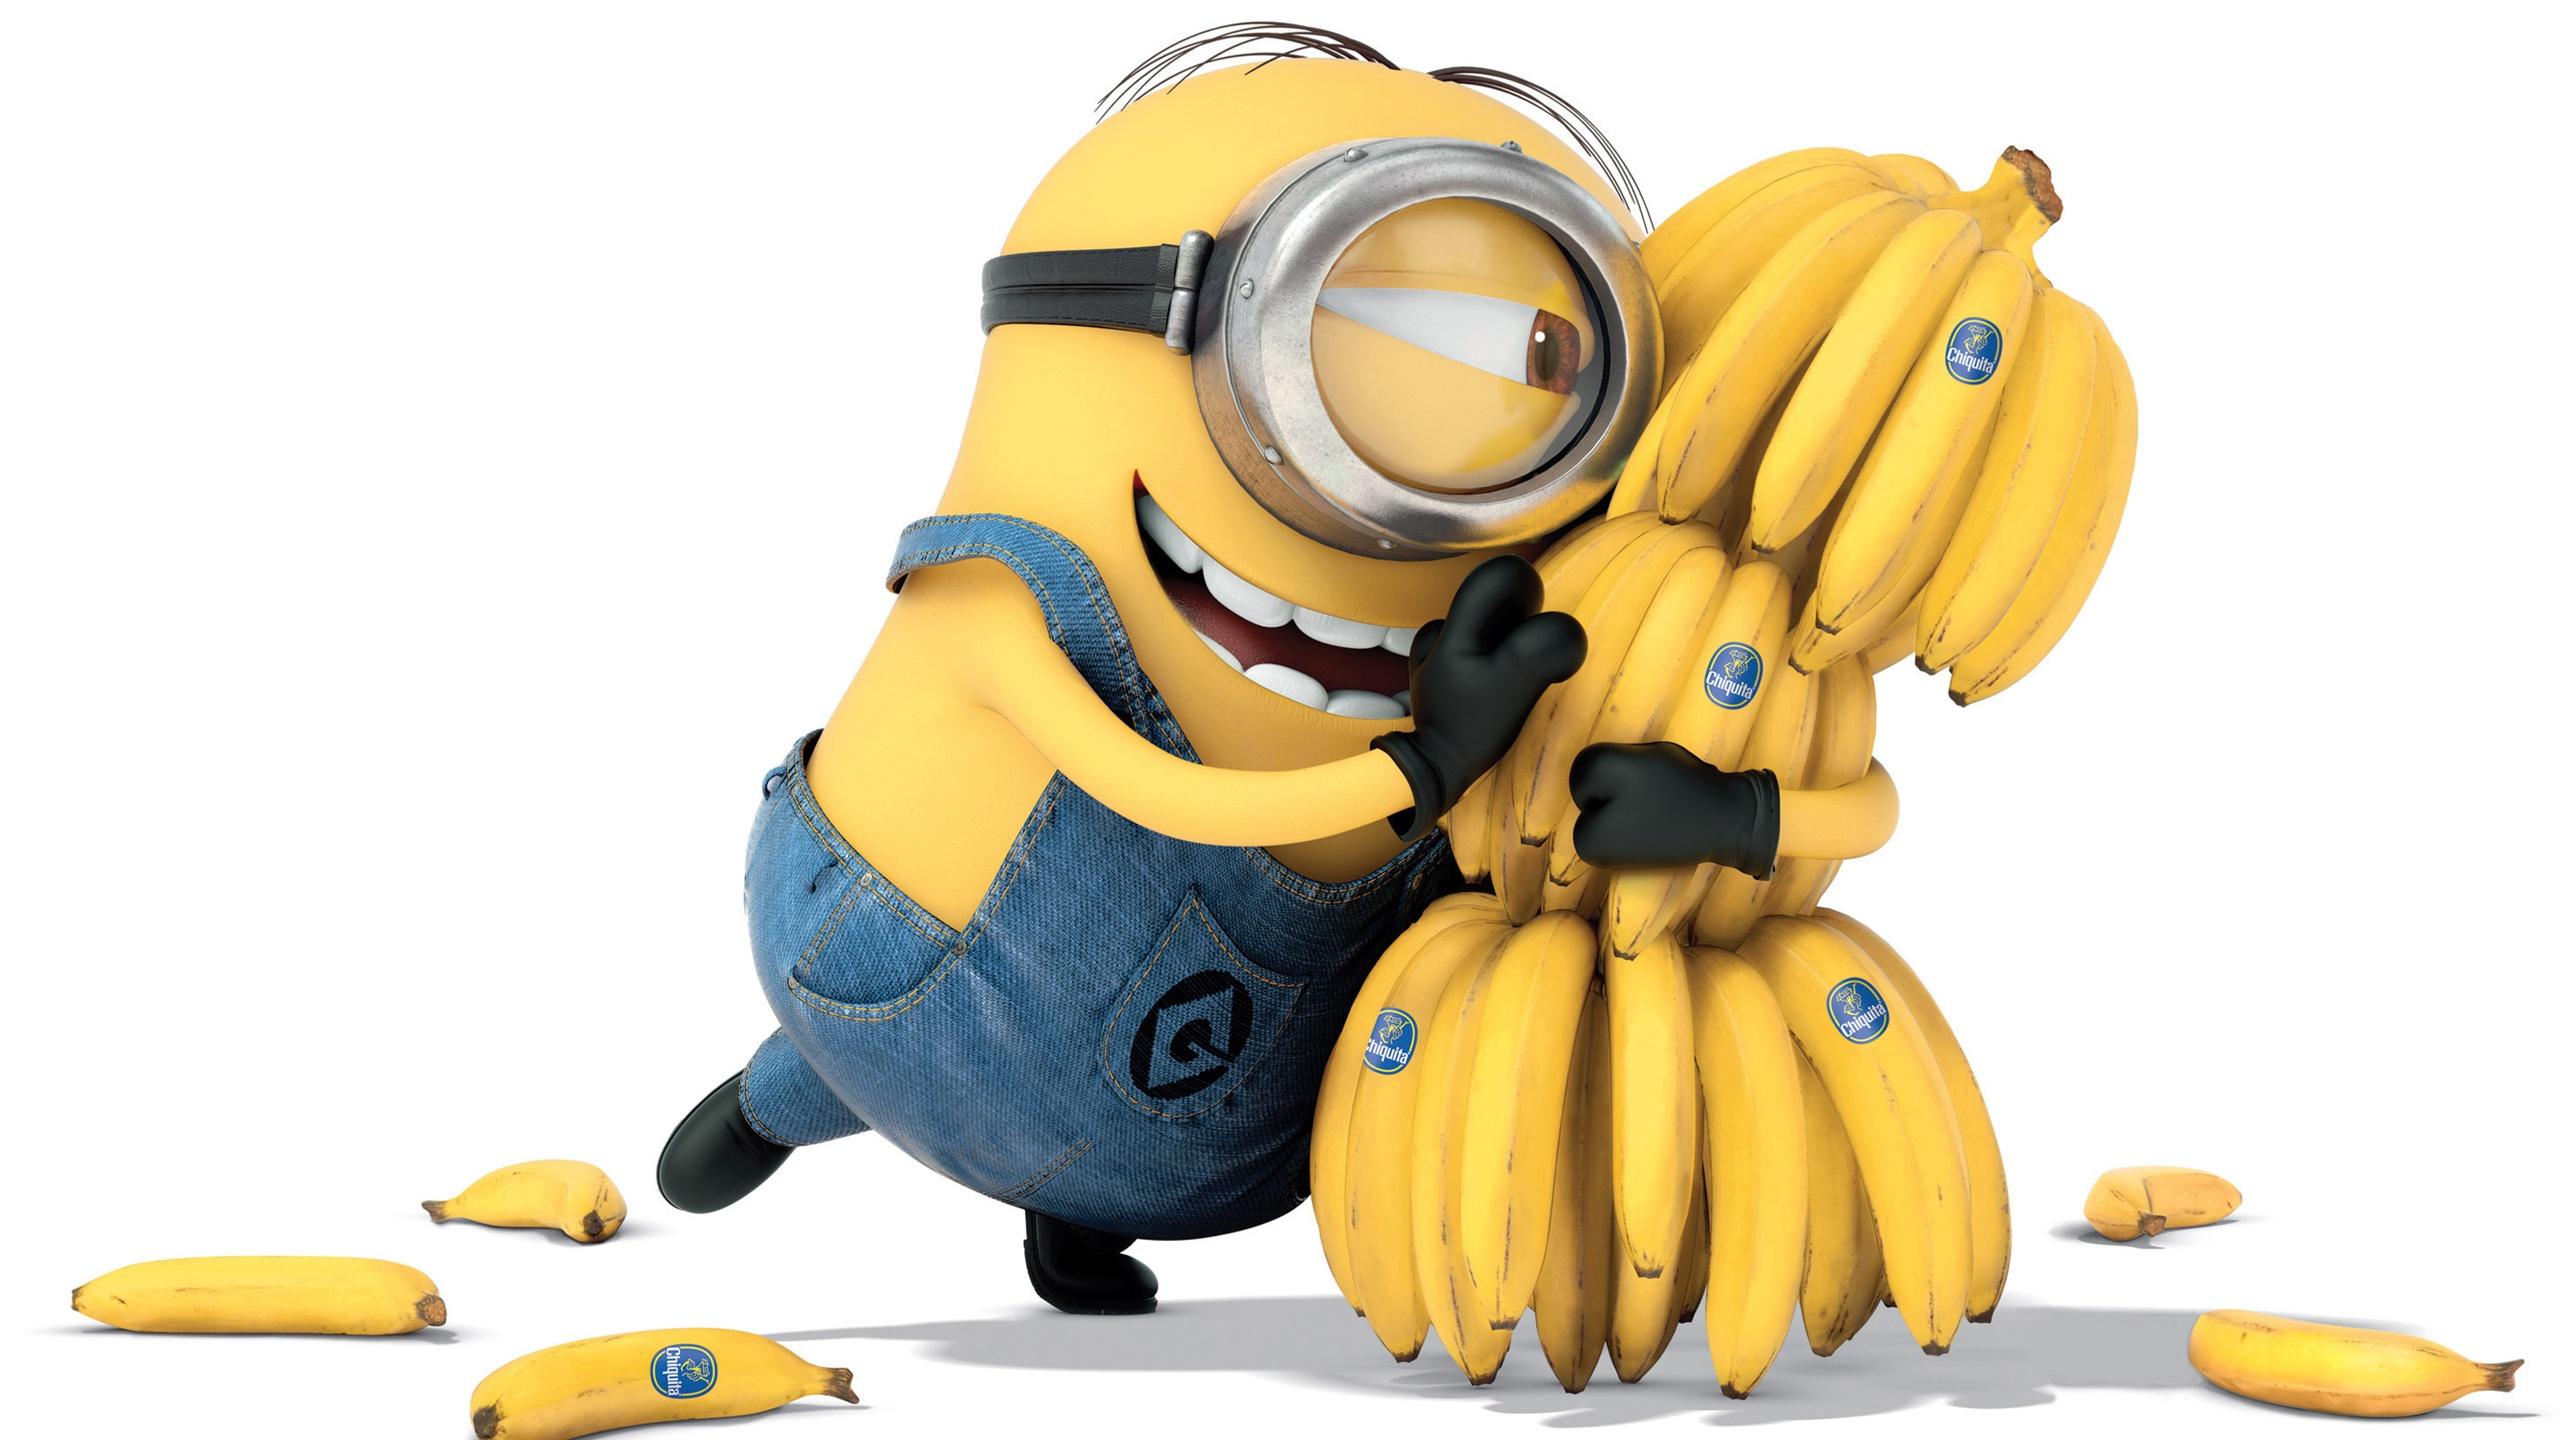 tapety_na_pulpit_minion_bananas_bajki_kreskowka